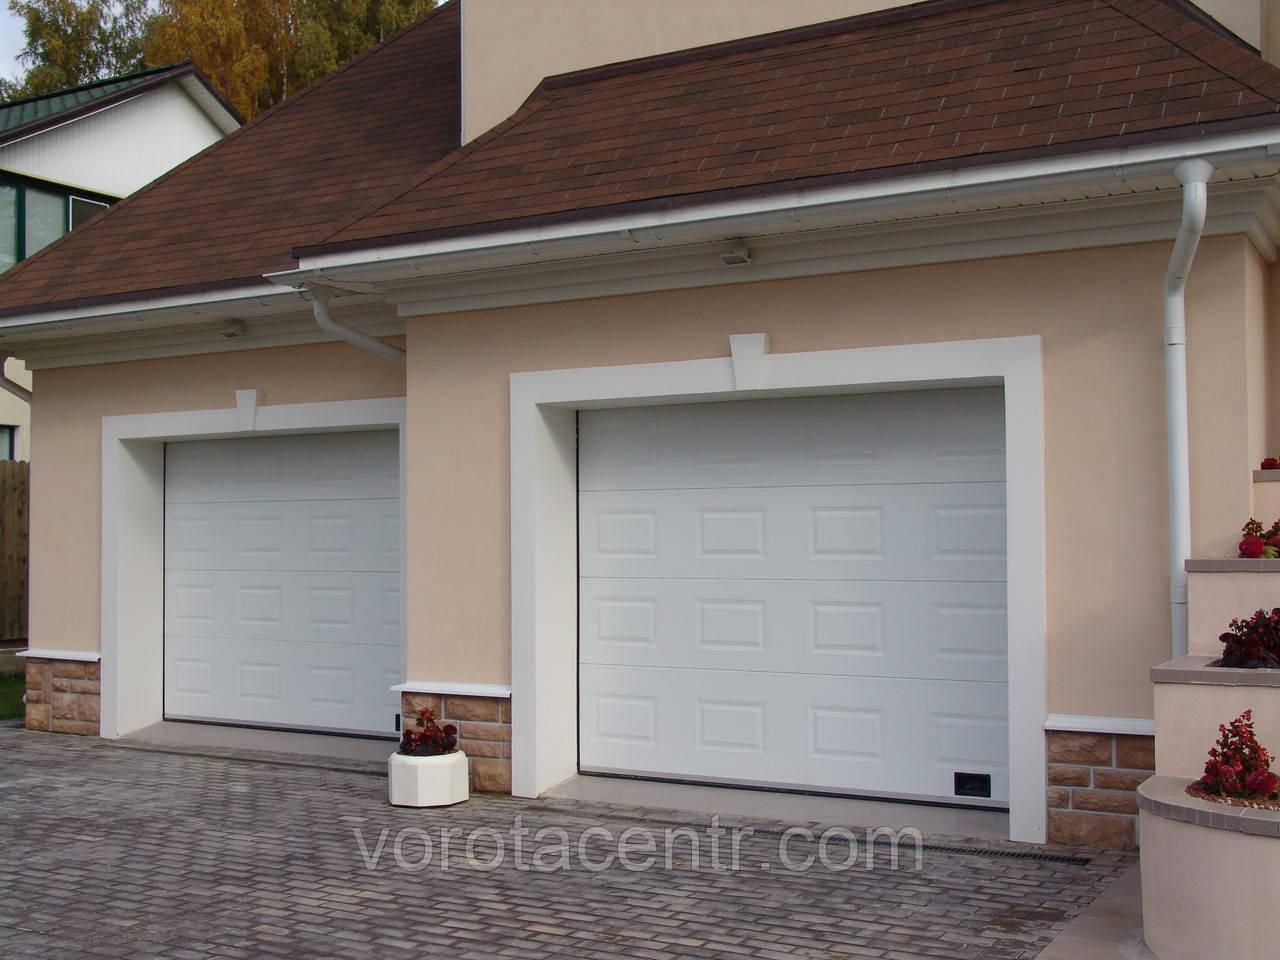 Ворота гаражні секційні RSD01 2500х2500 DoorHan